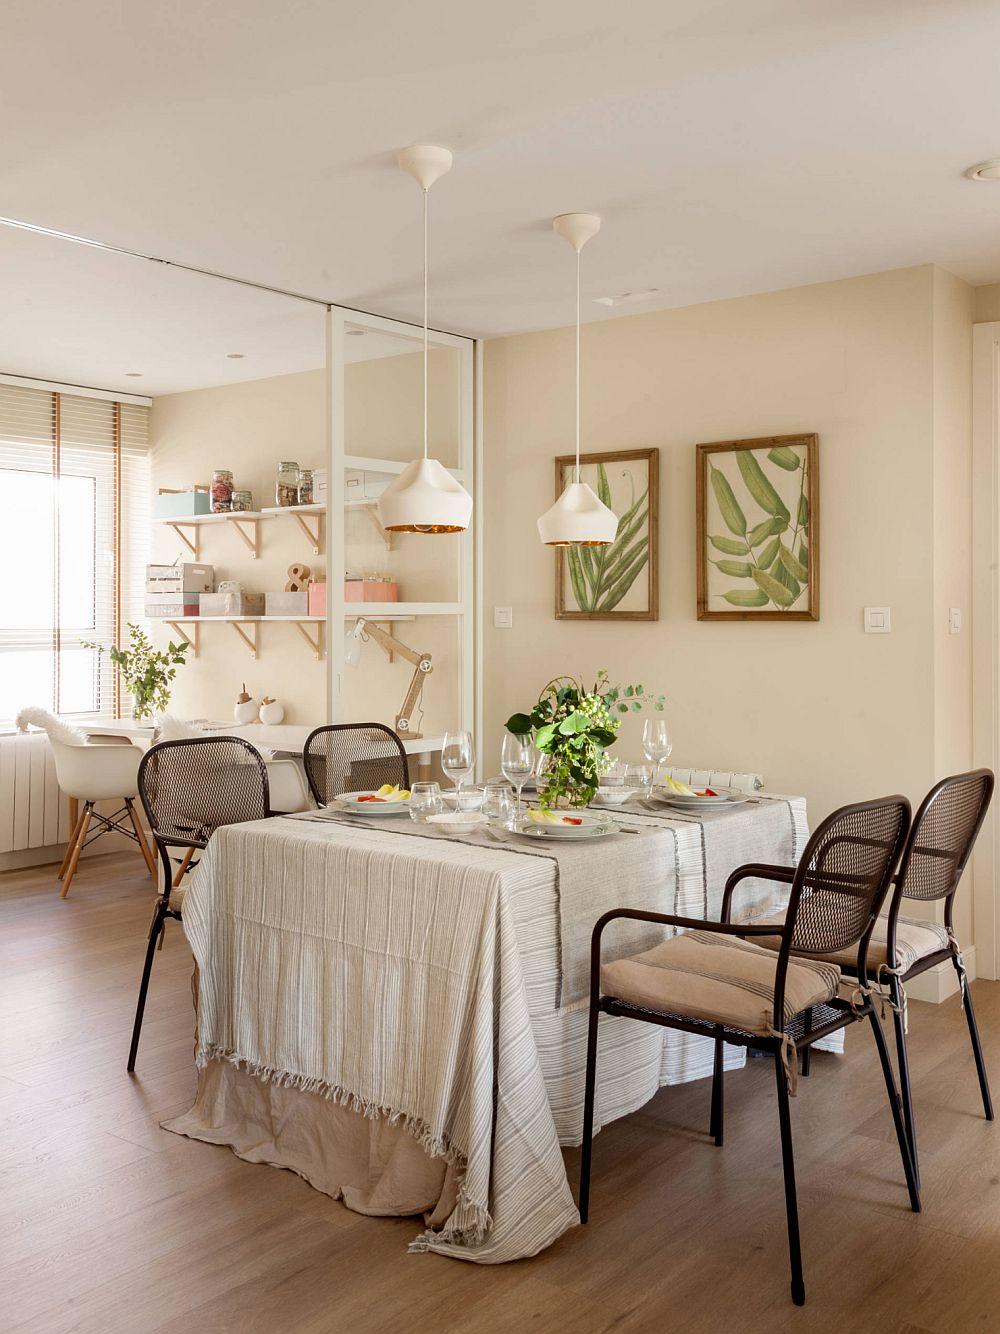 Amenajat pe locul unui fost dormitor, spațiul dedicat sufrageriei este împărțit cu cel dedicat birourilor. Pentru ca lumina naturală să nu fie obturată, separarea dintre cele două funcțiuni s-a făcut cu uși glisante cu geamuri.